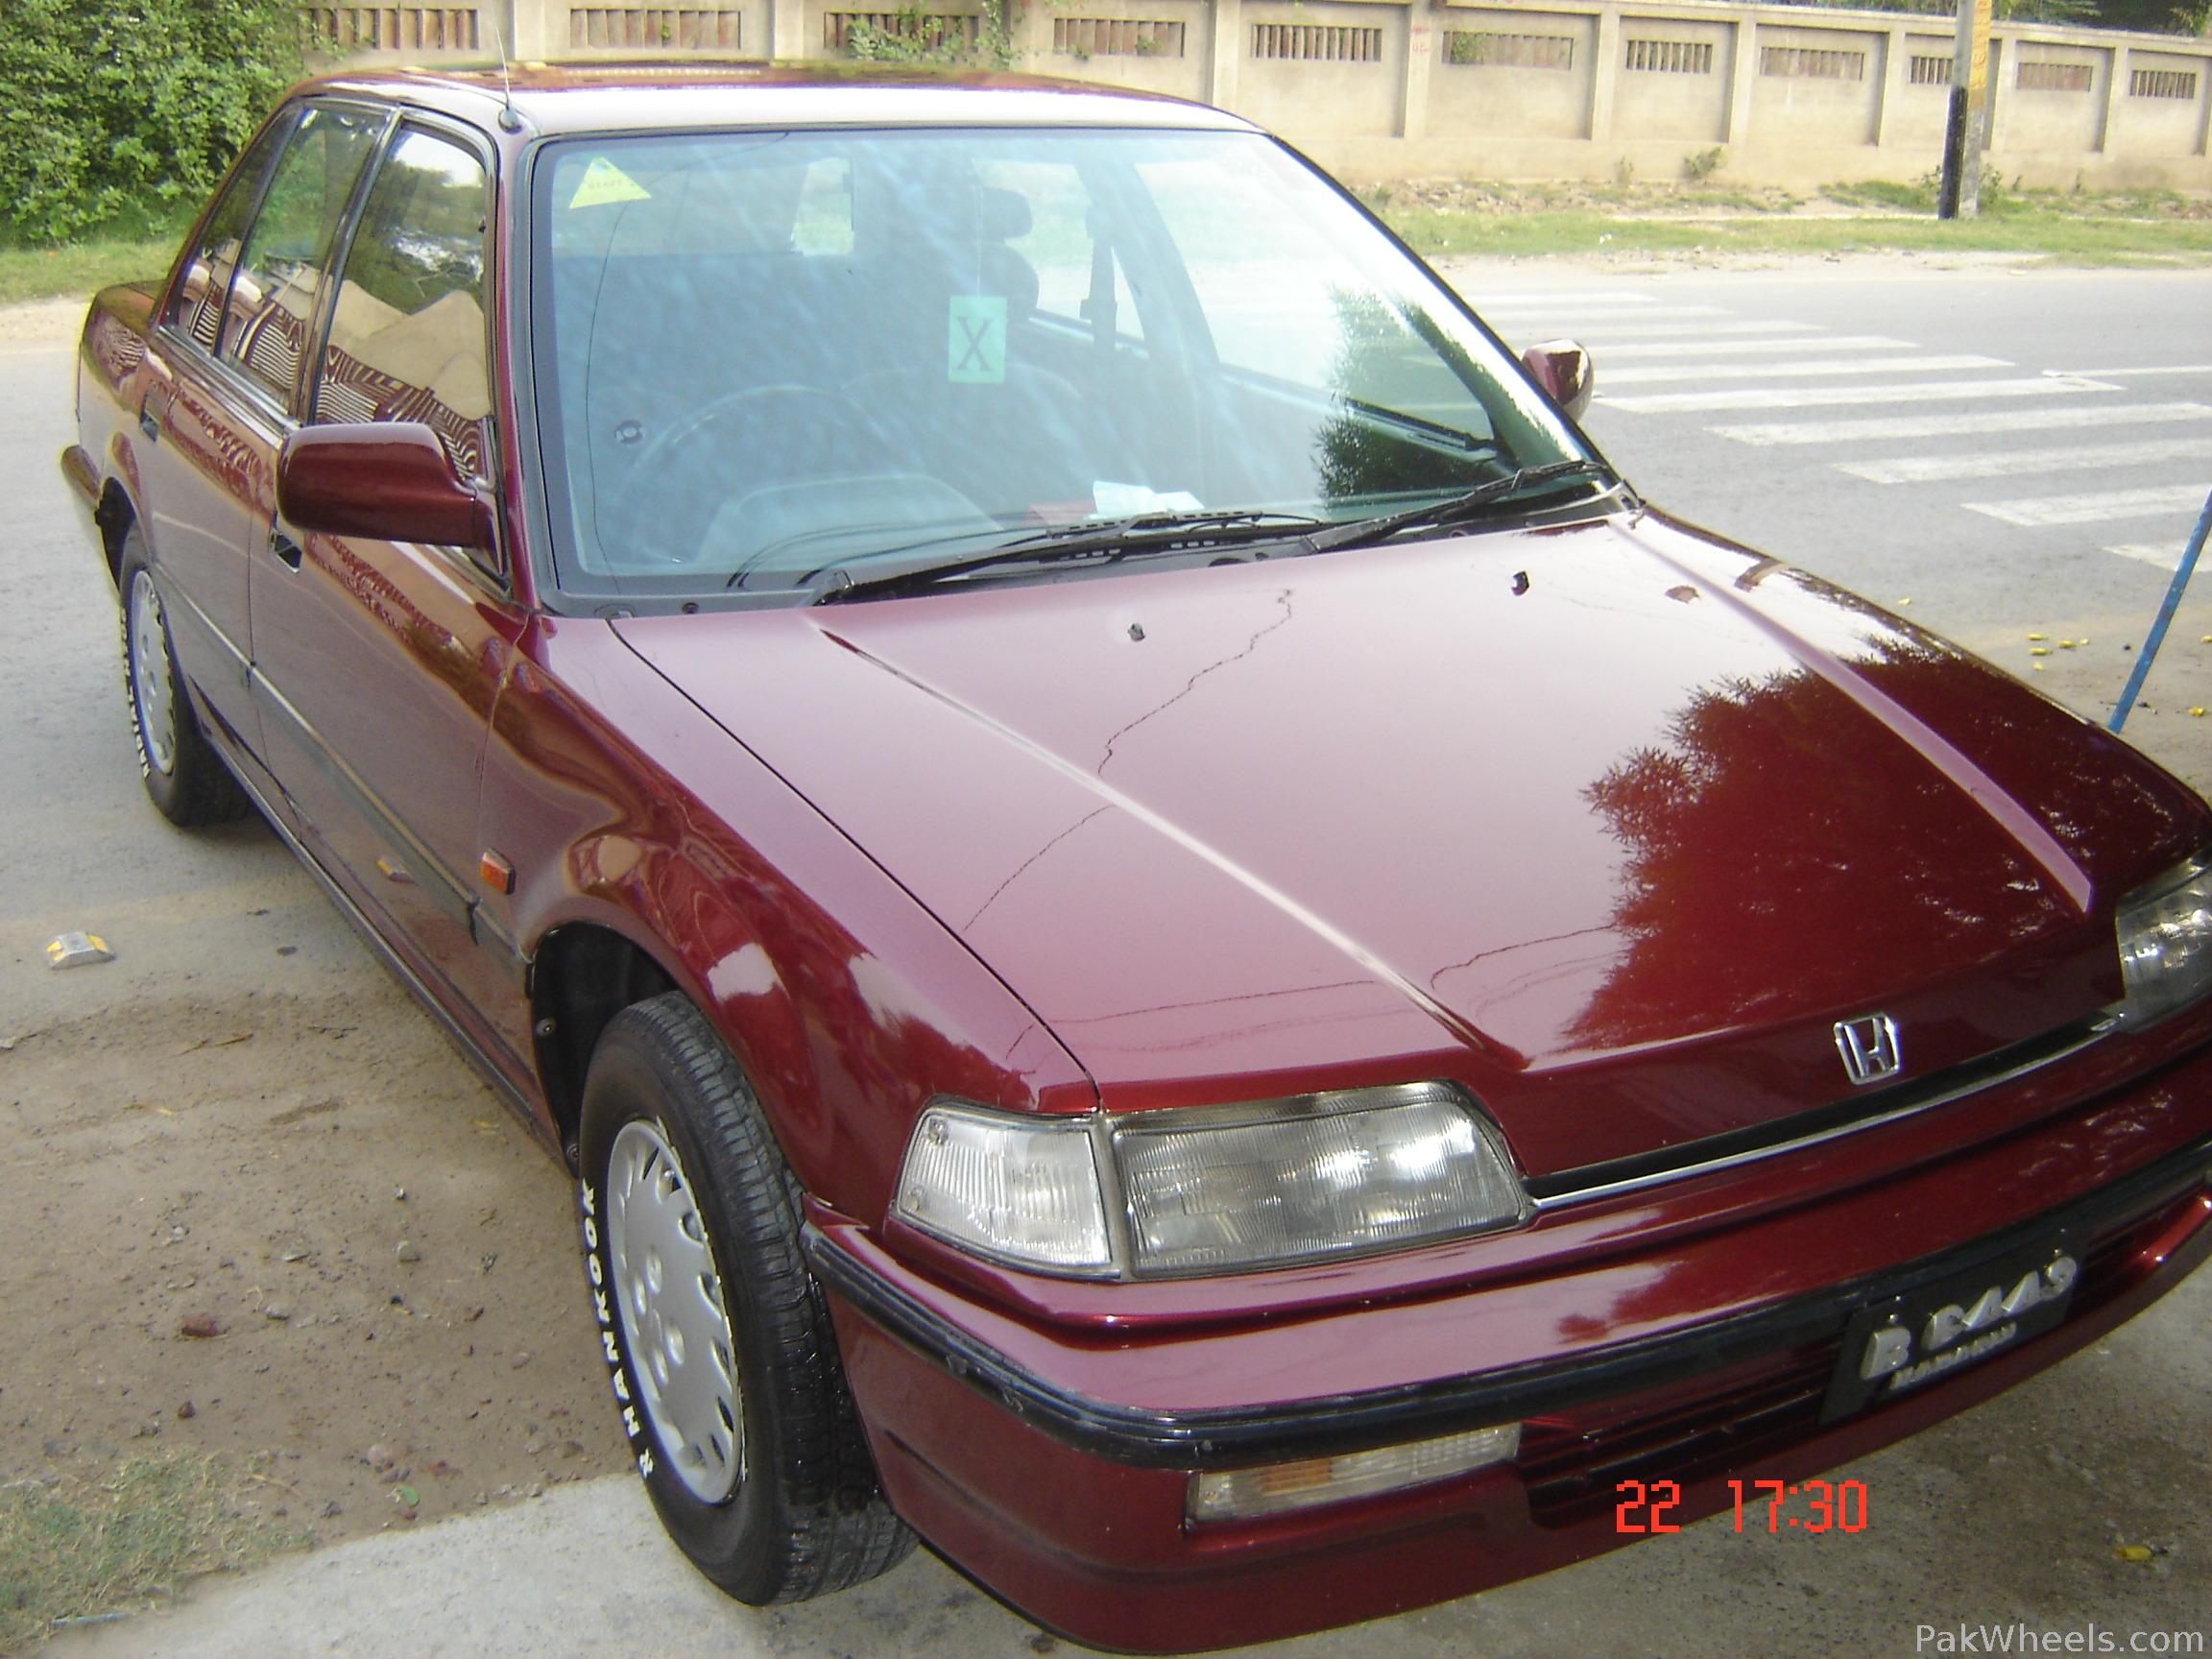 Honda Civic - 1988 civic Image-1